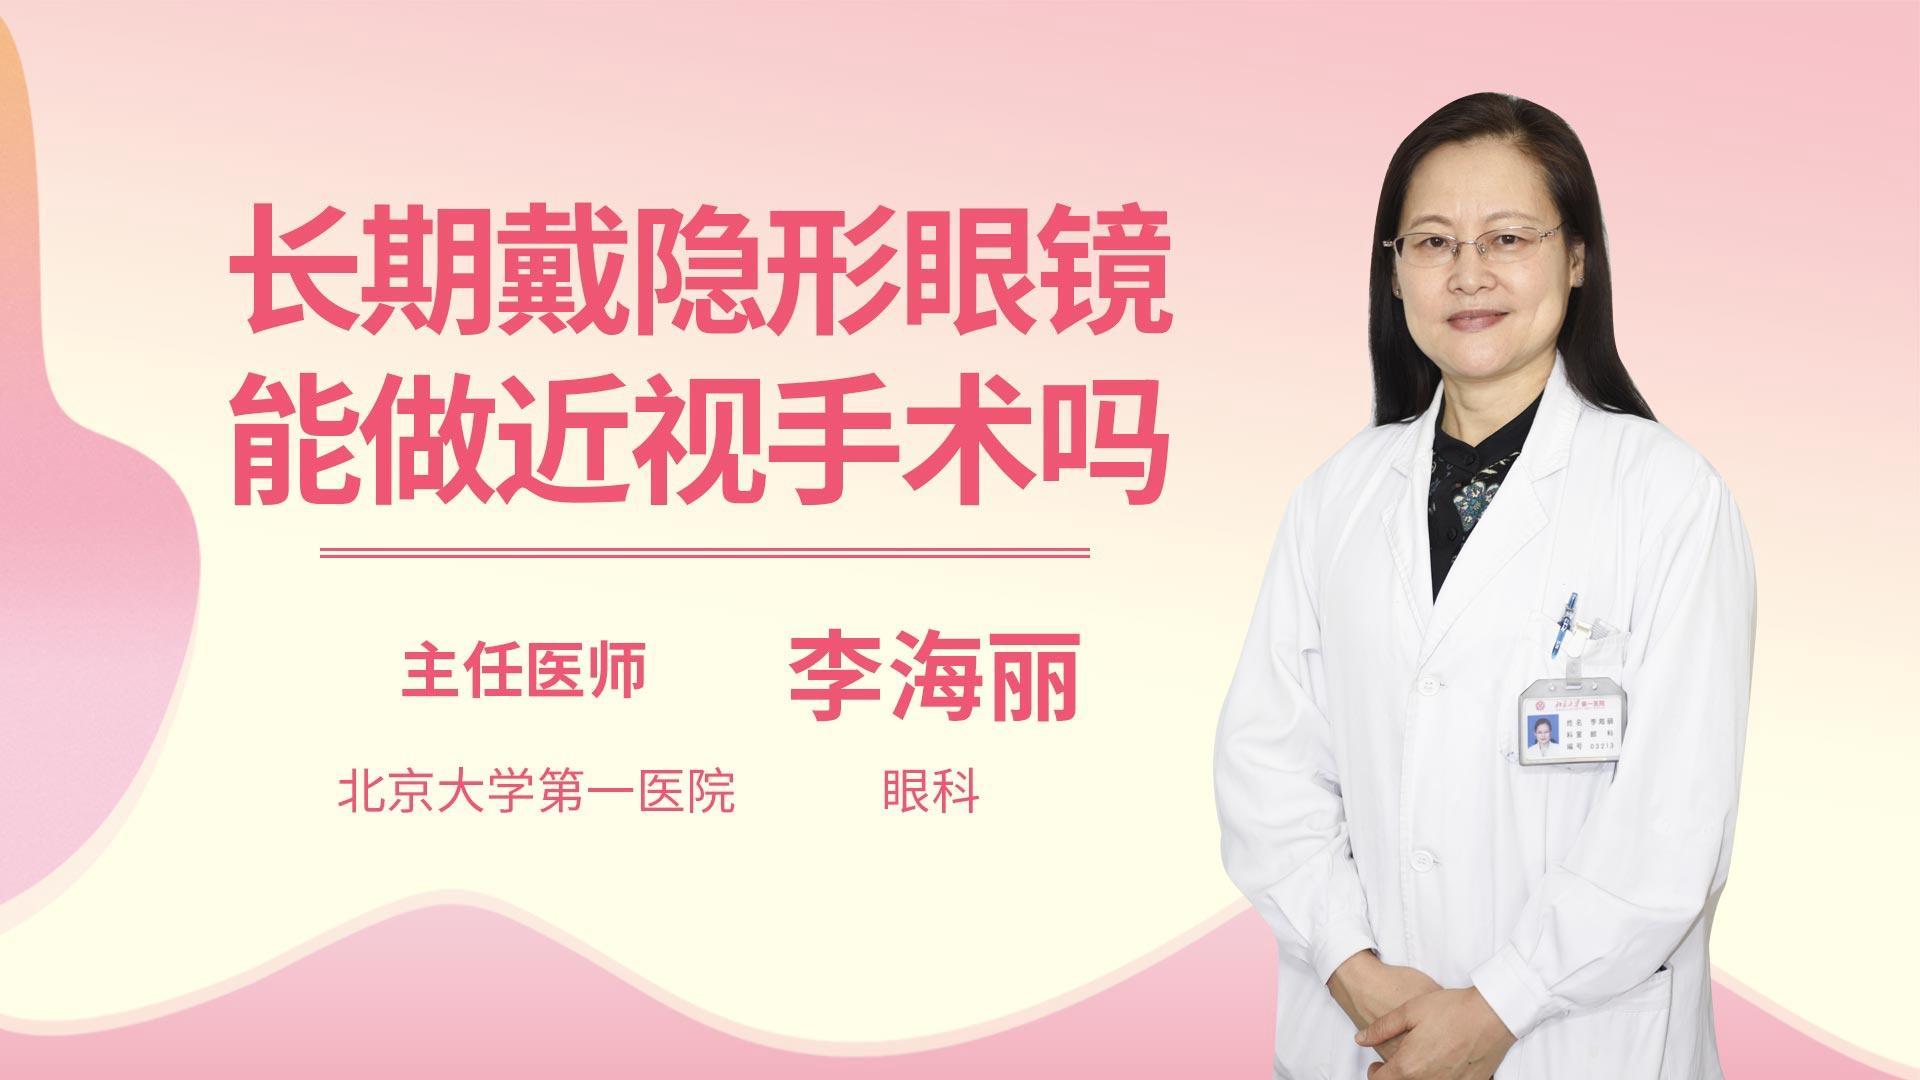 近视眼手术会失明吗_治疗沙眼最好的方法有哪些?_杏林普康